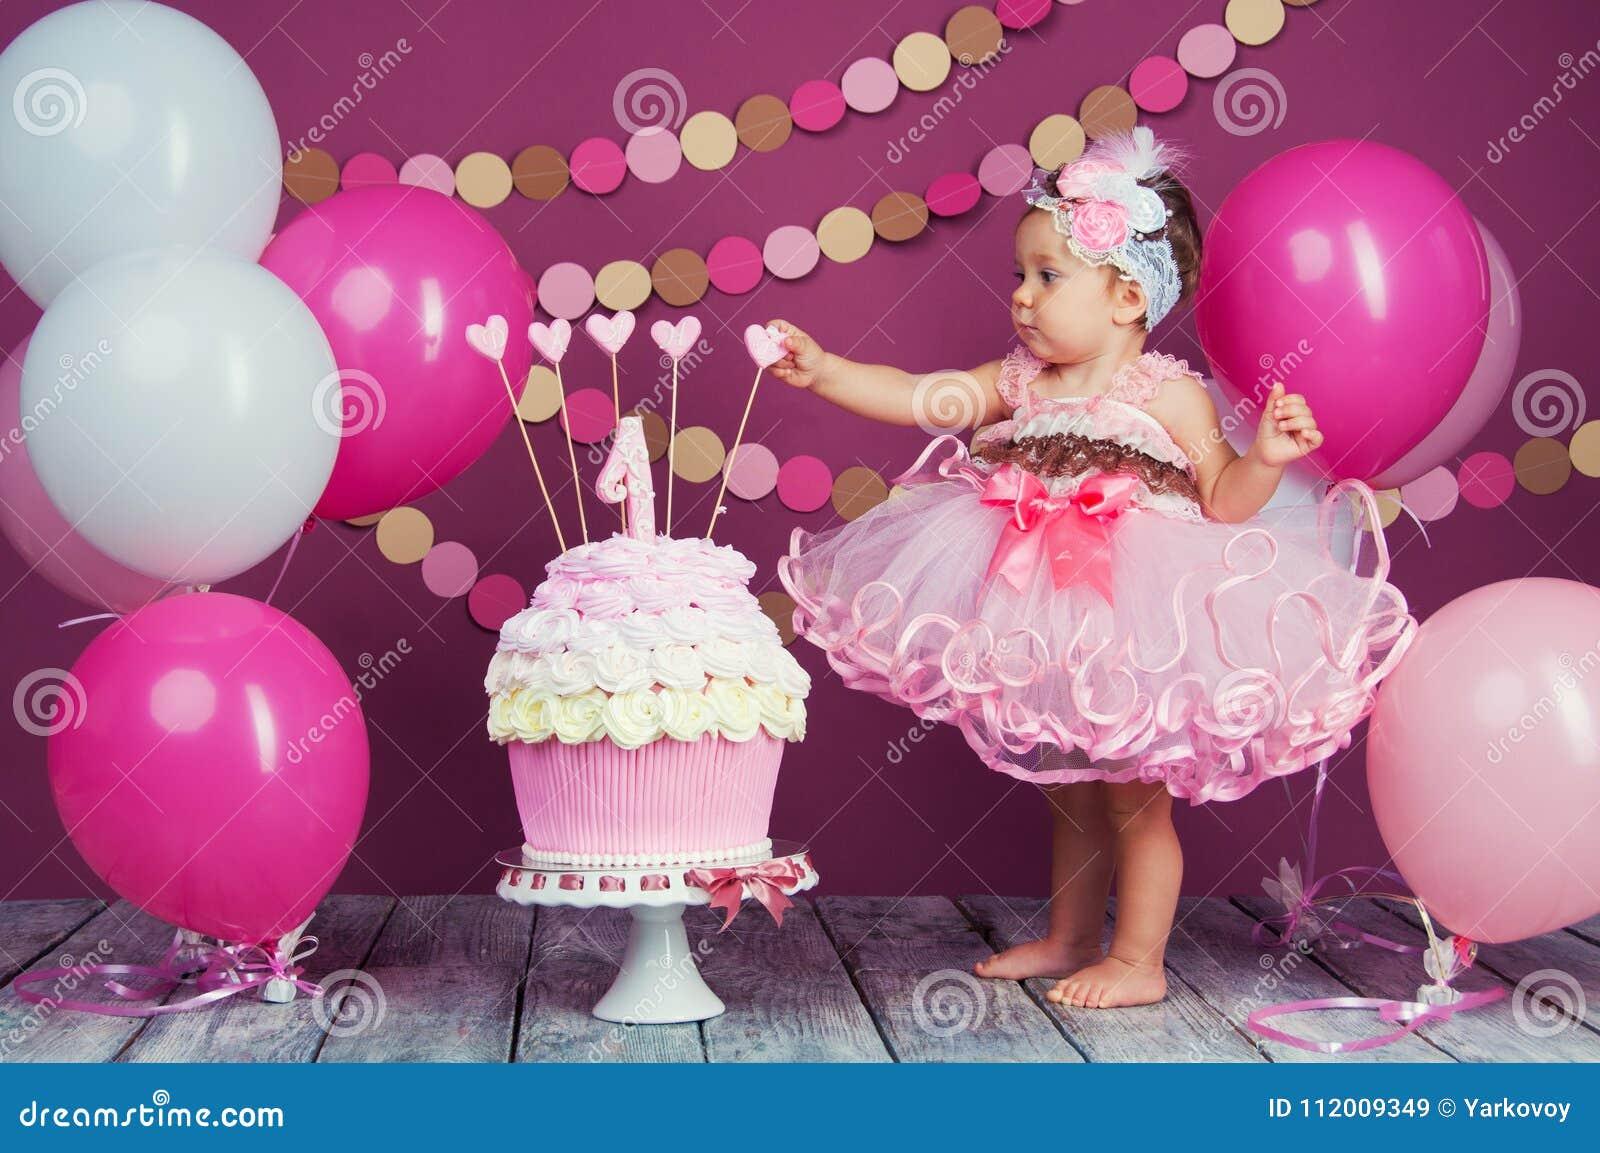 小女孩` s生日女孩被抹上了入蛋糕 第一个蛋糕 使用第一个蛋糕 抽杀蛋糕